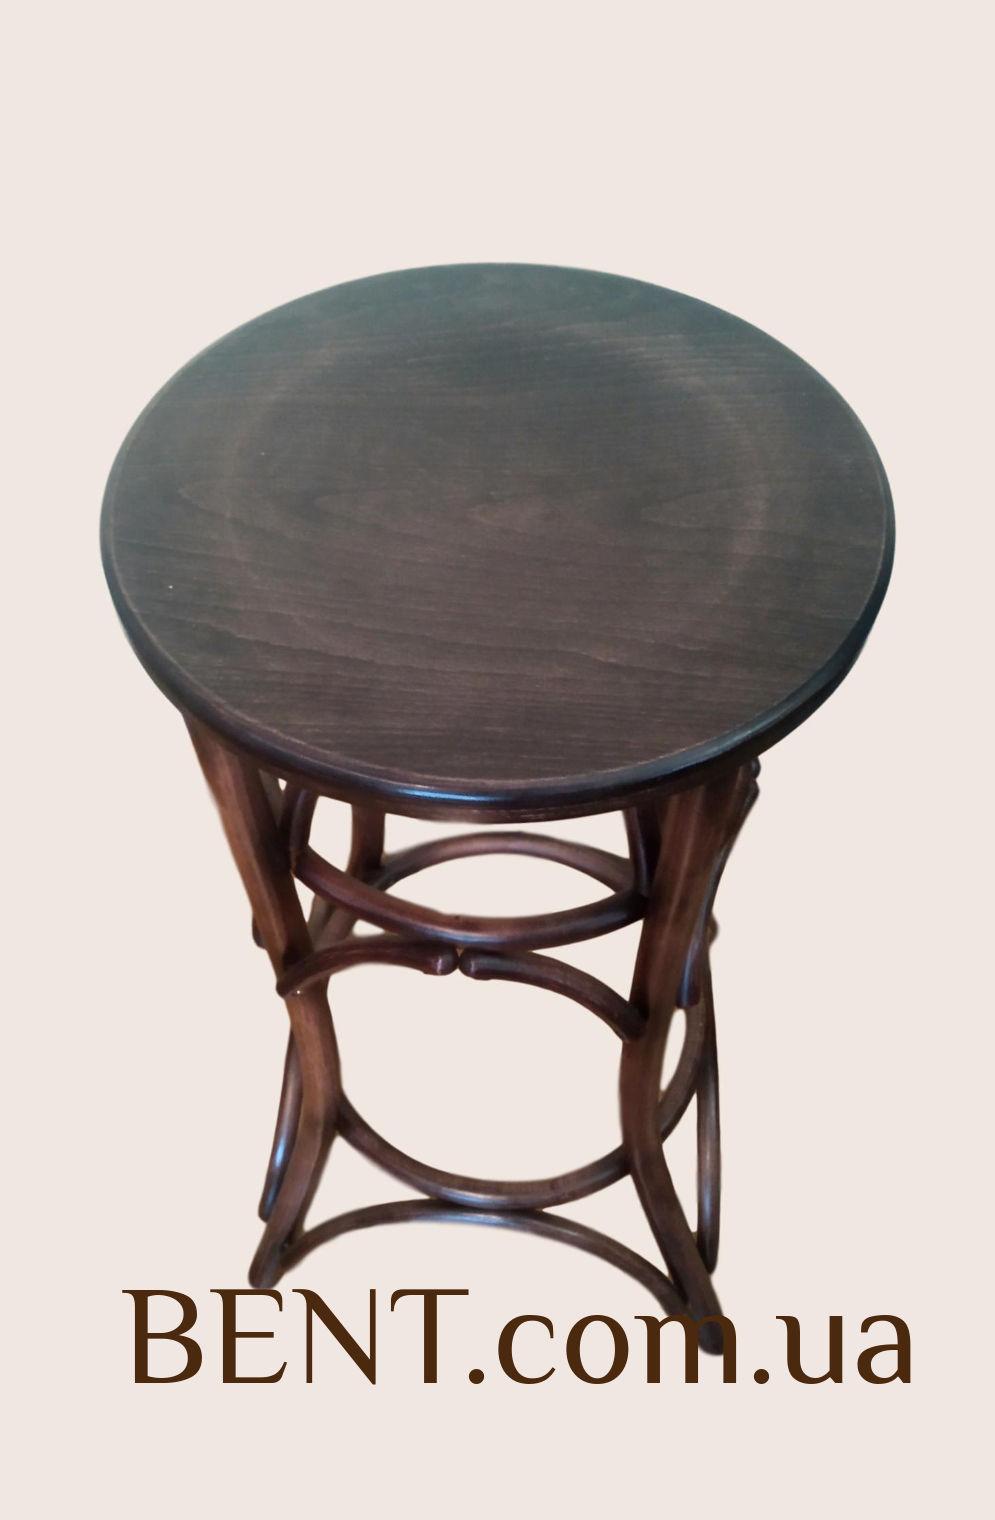 производство стульев из дерева бук